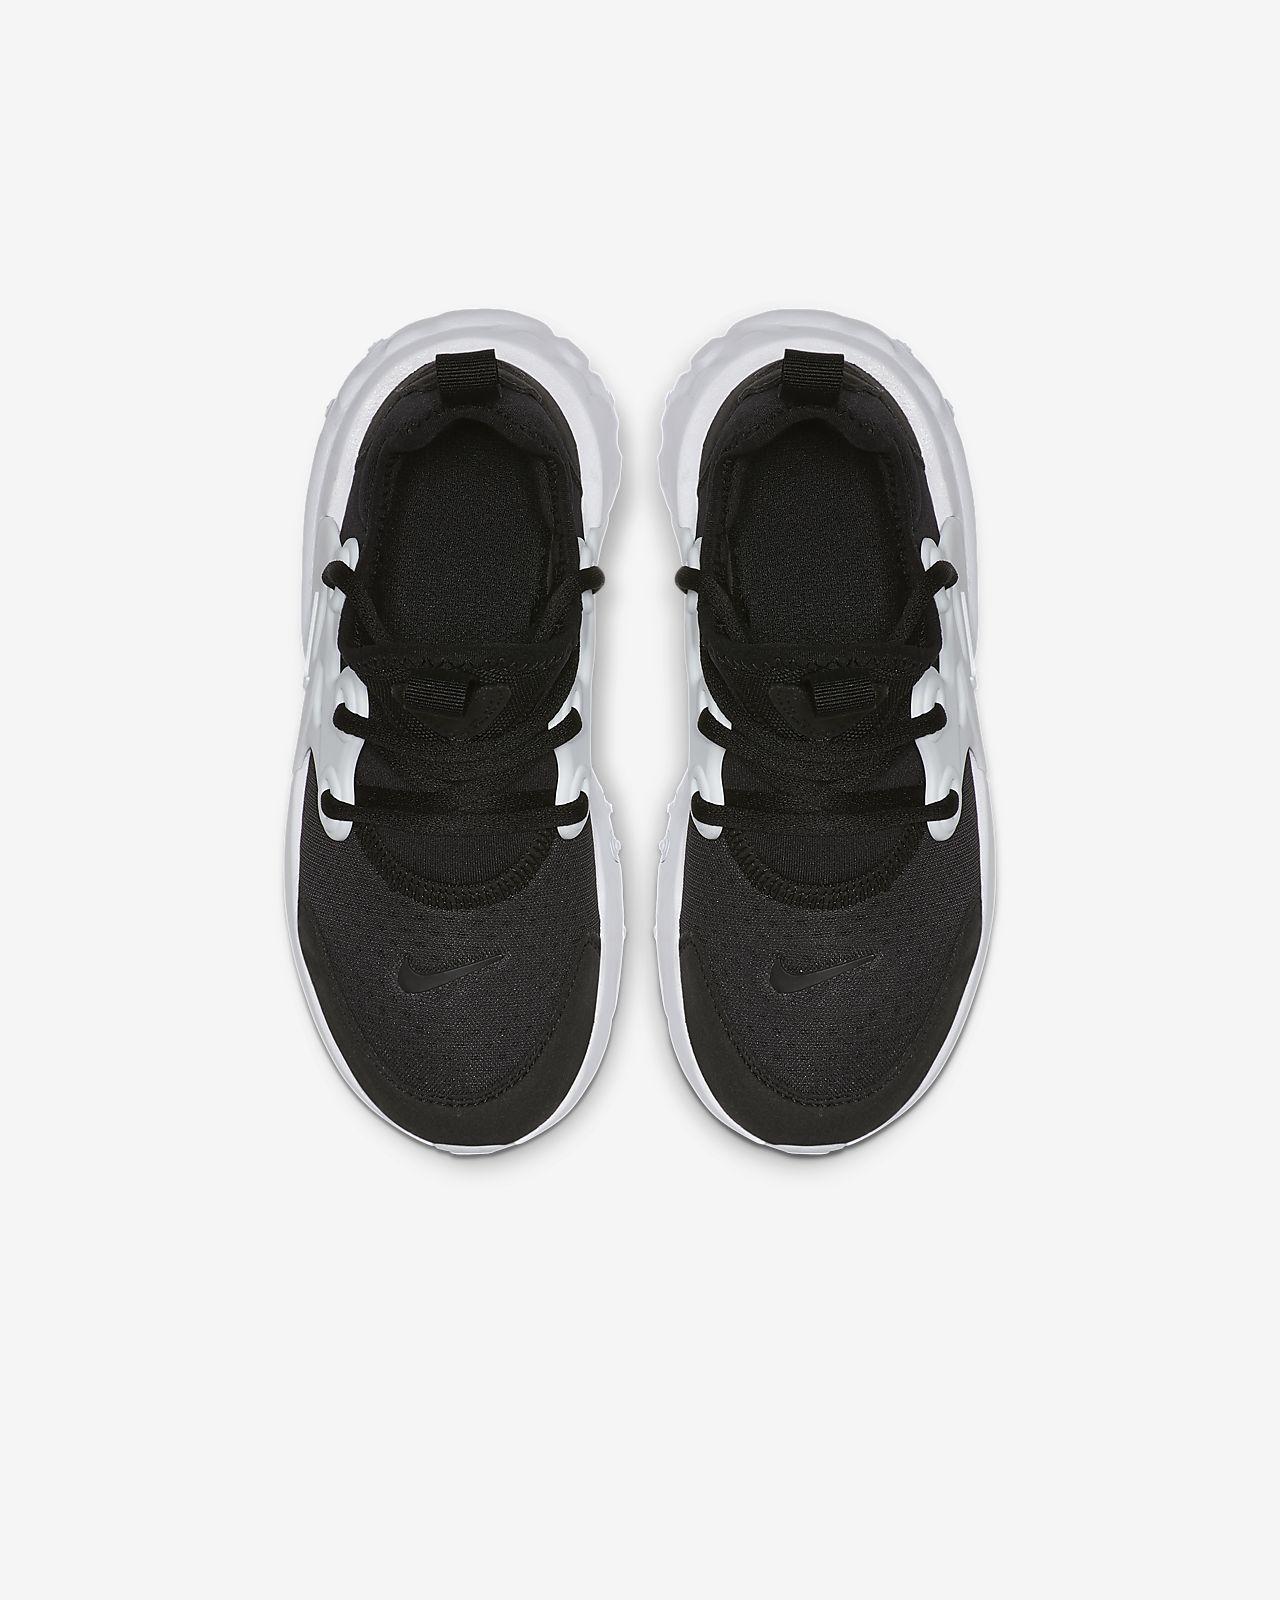 Enfant Presto Chaussure Jeune Pour Nike Rt 6vbgyf7Y